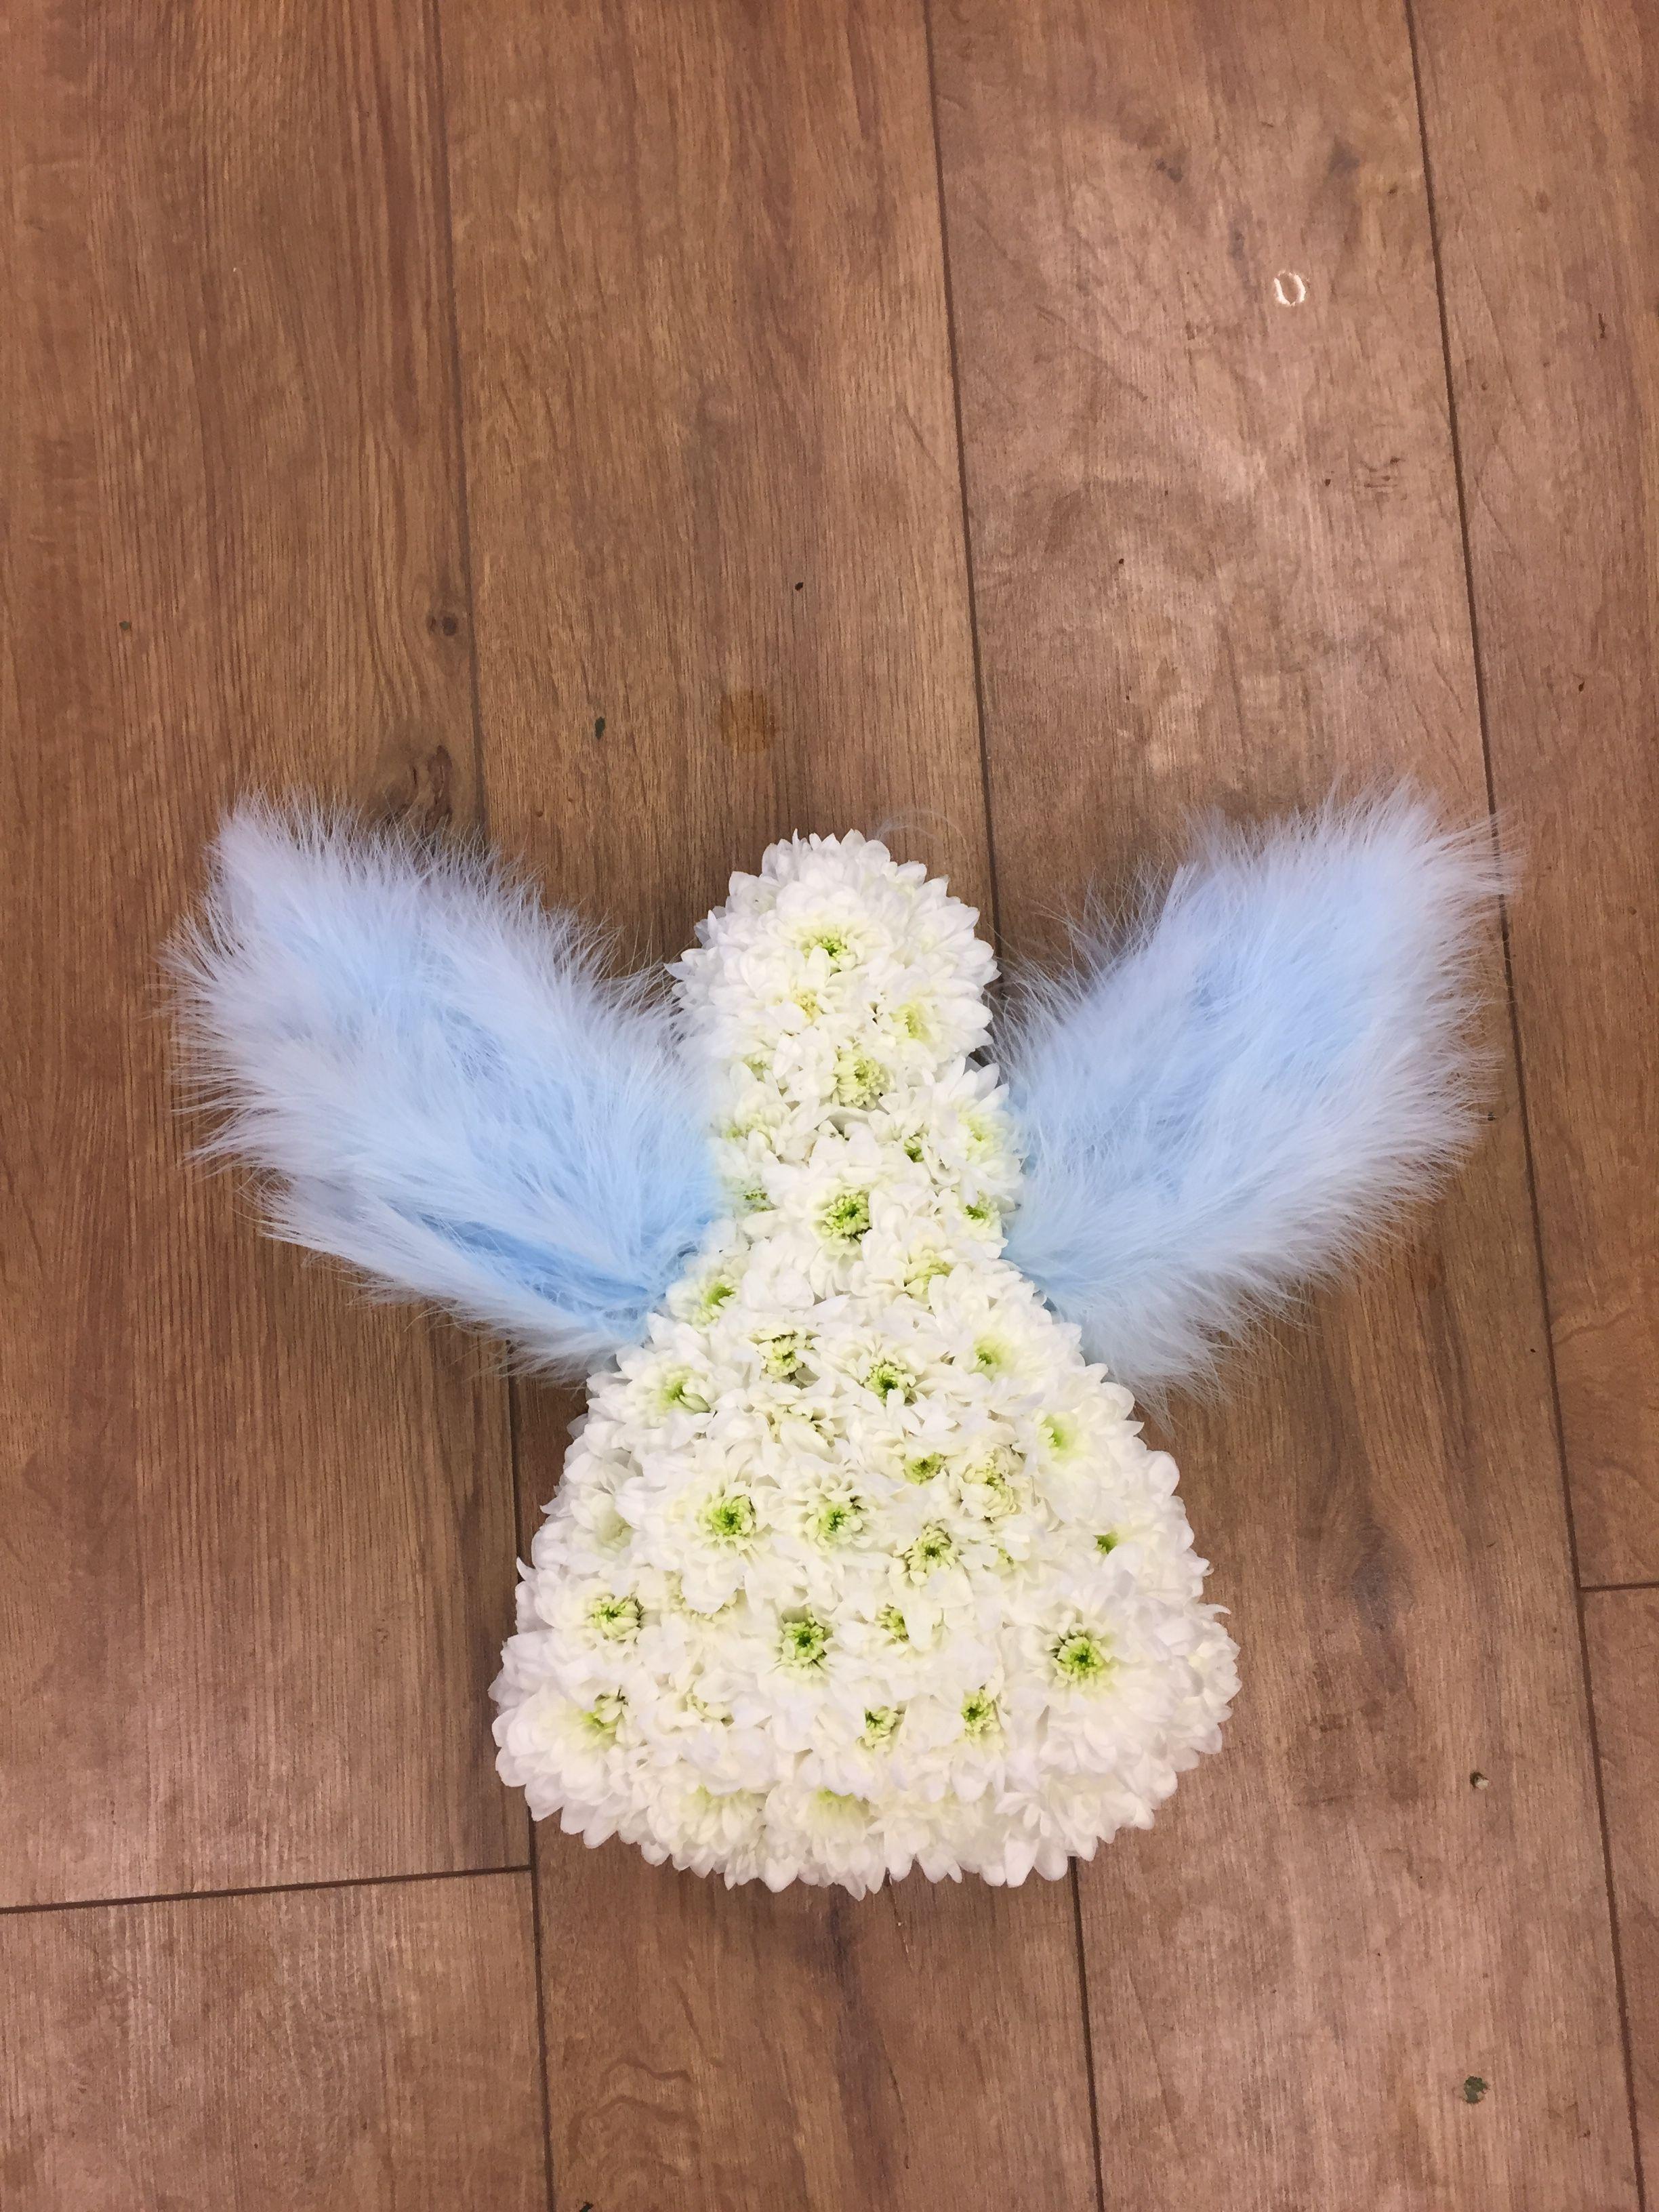 Mini angel funeral tribute based in white chrysanthemums blue mini angel funeral tribute based in white chrysanthemums blue feather wings made by izmirmasajfo